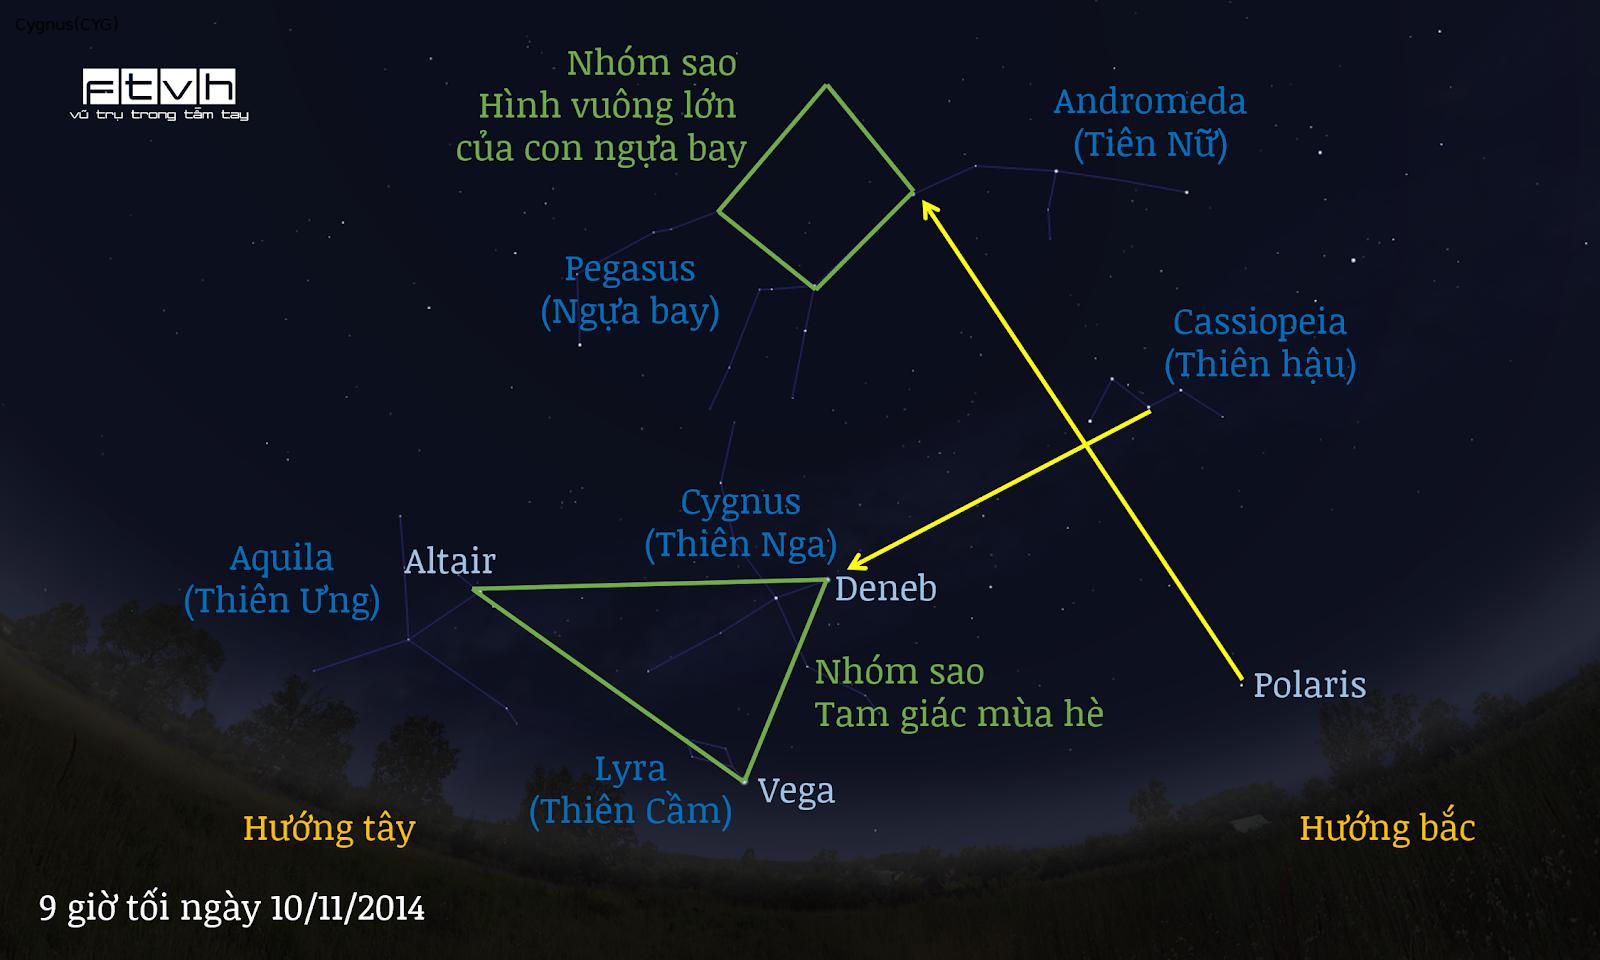 Minh họa bầu trời hướng tây bắc vào 9 giờ tối ngày 10/11/2014. Nhóm sao Tam giác mùa hè đang dần lặn xuống chân trời hướng tây và sau đó là nhóm sao Hình vuông lớn của con ngựa bay cũng sẽ lặn theo.